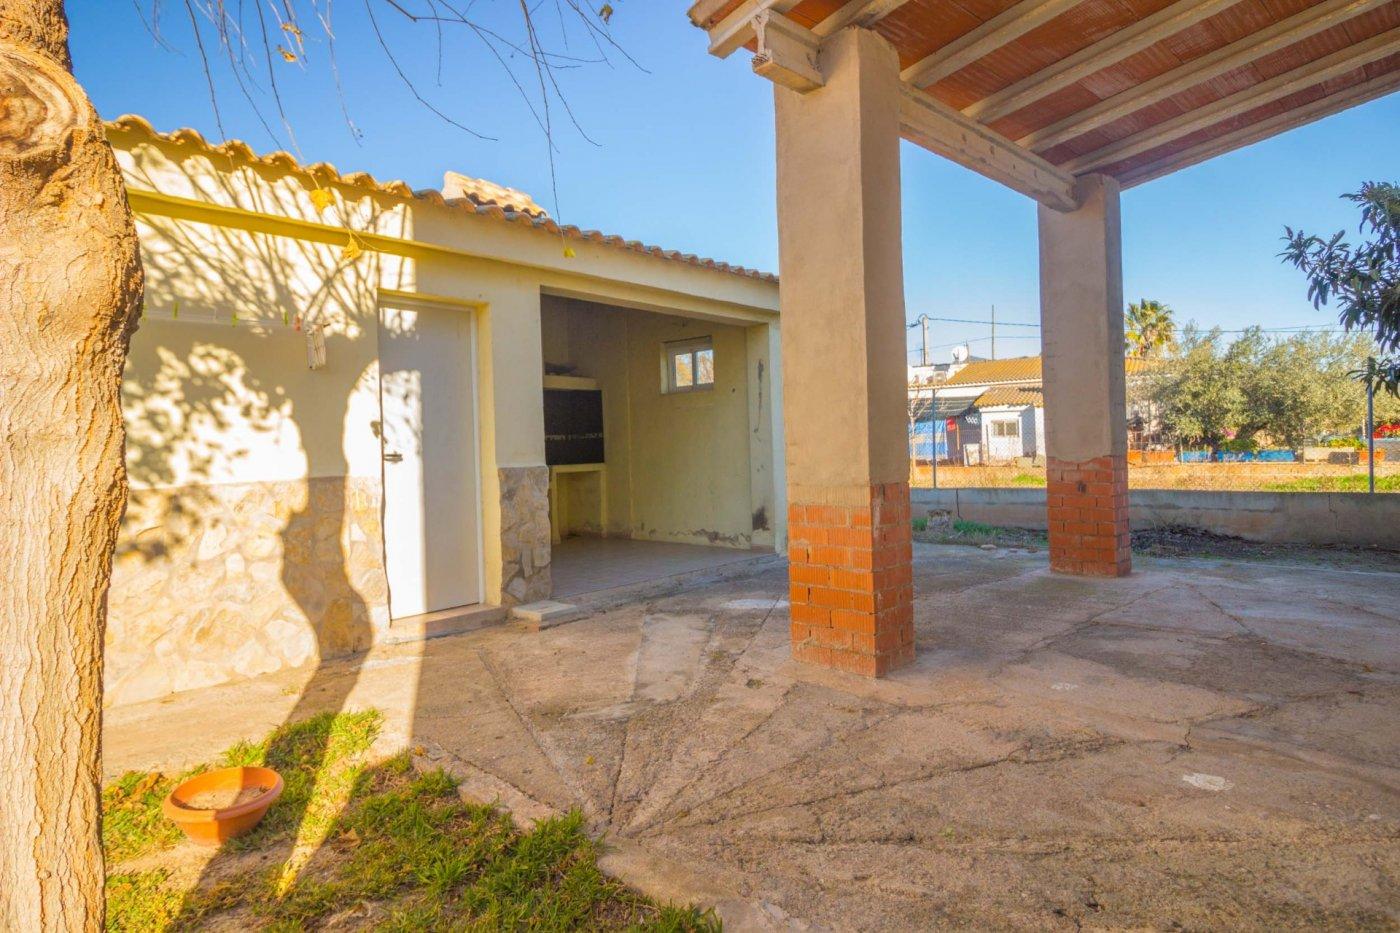 Villa de capricho en la marjalería - imagenInmueble25